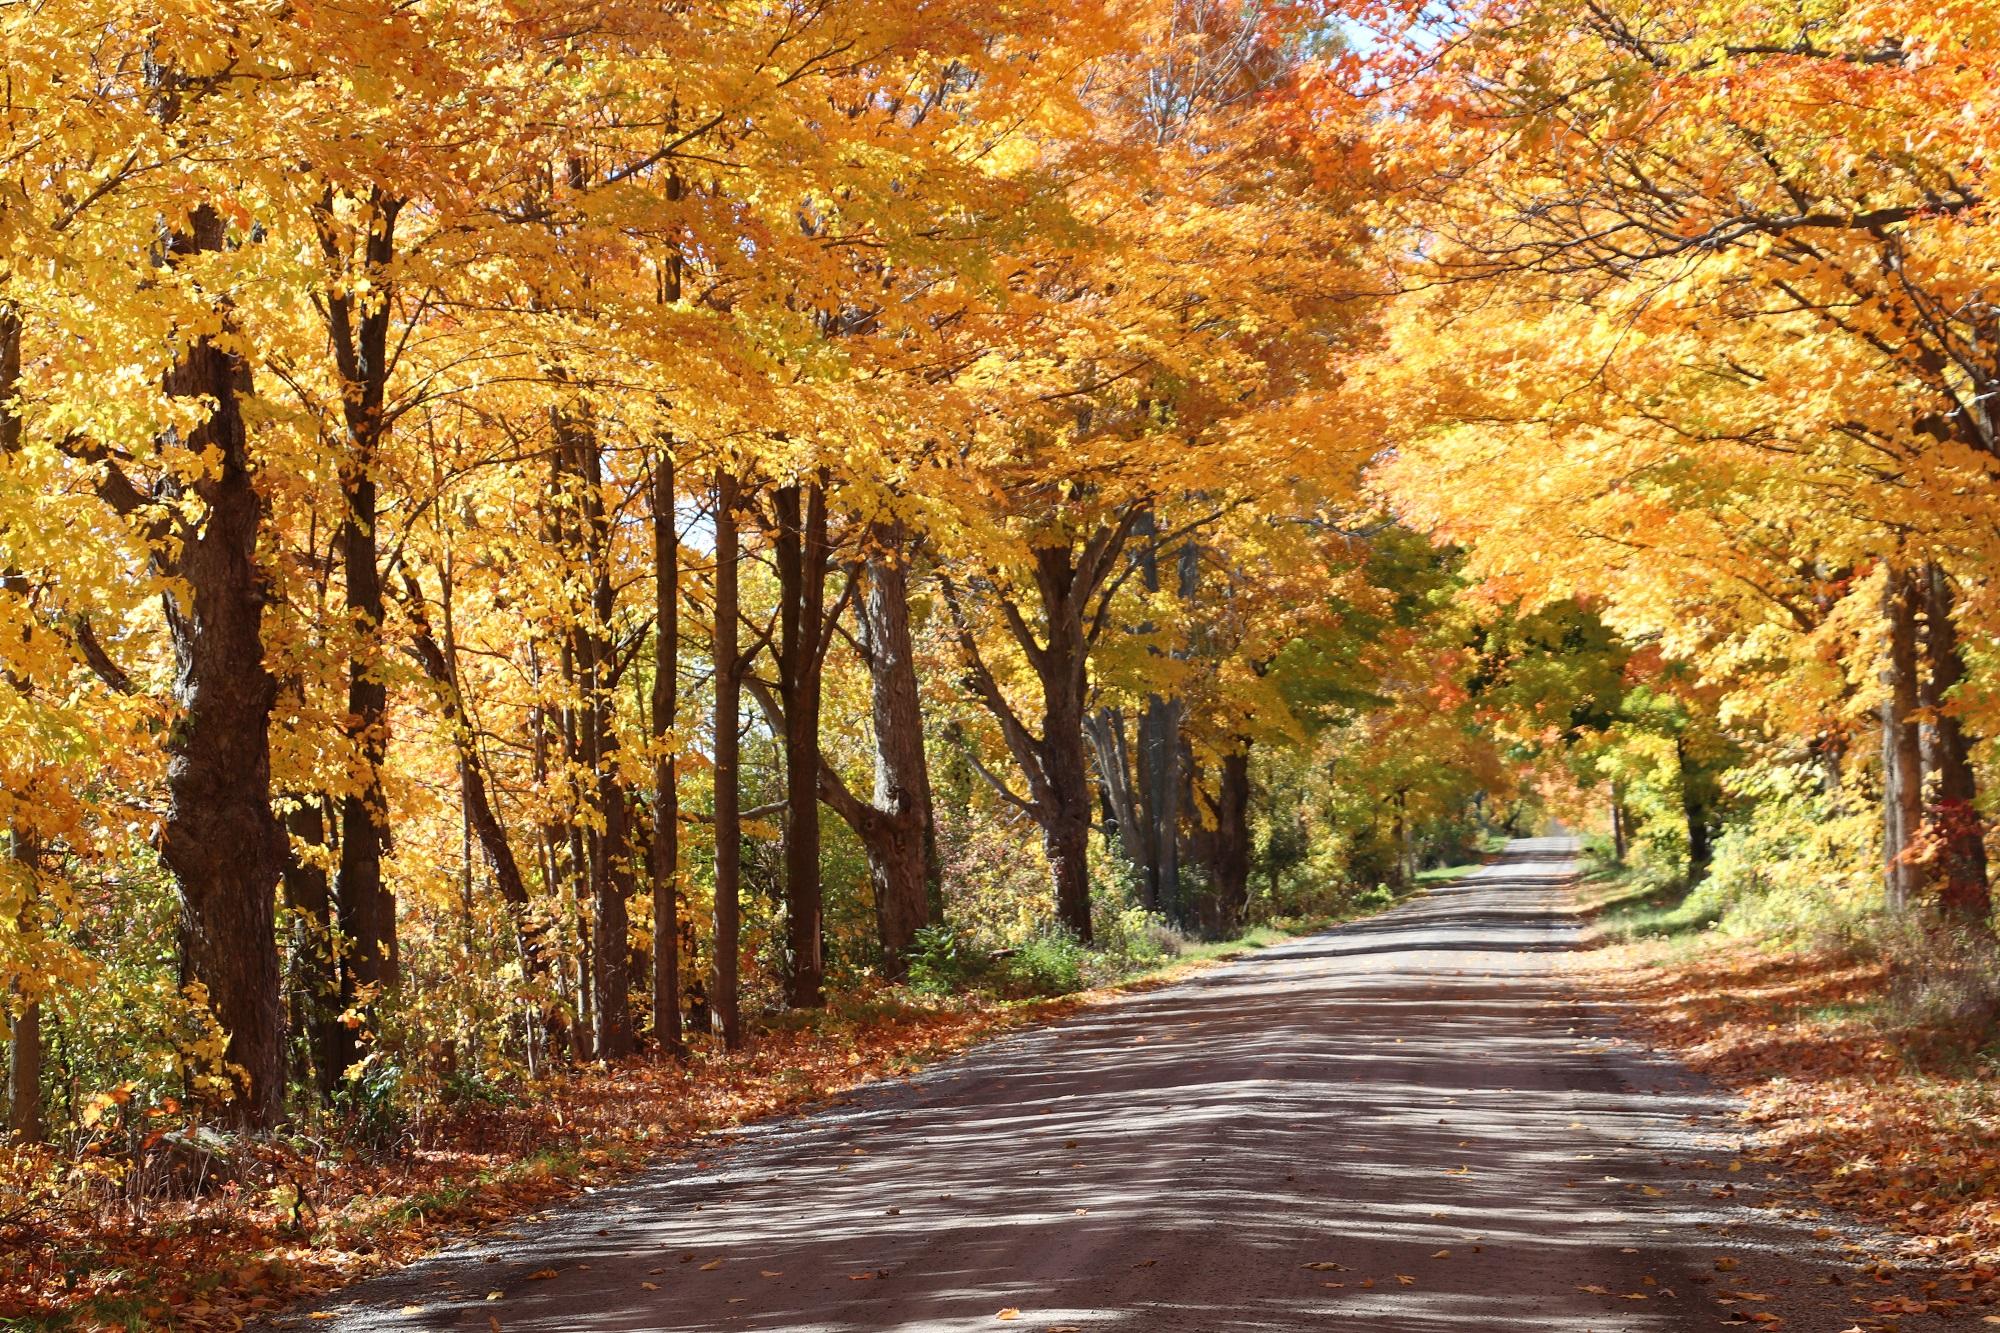 Switzerville Road